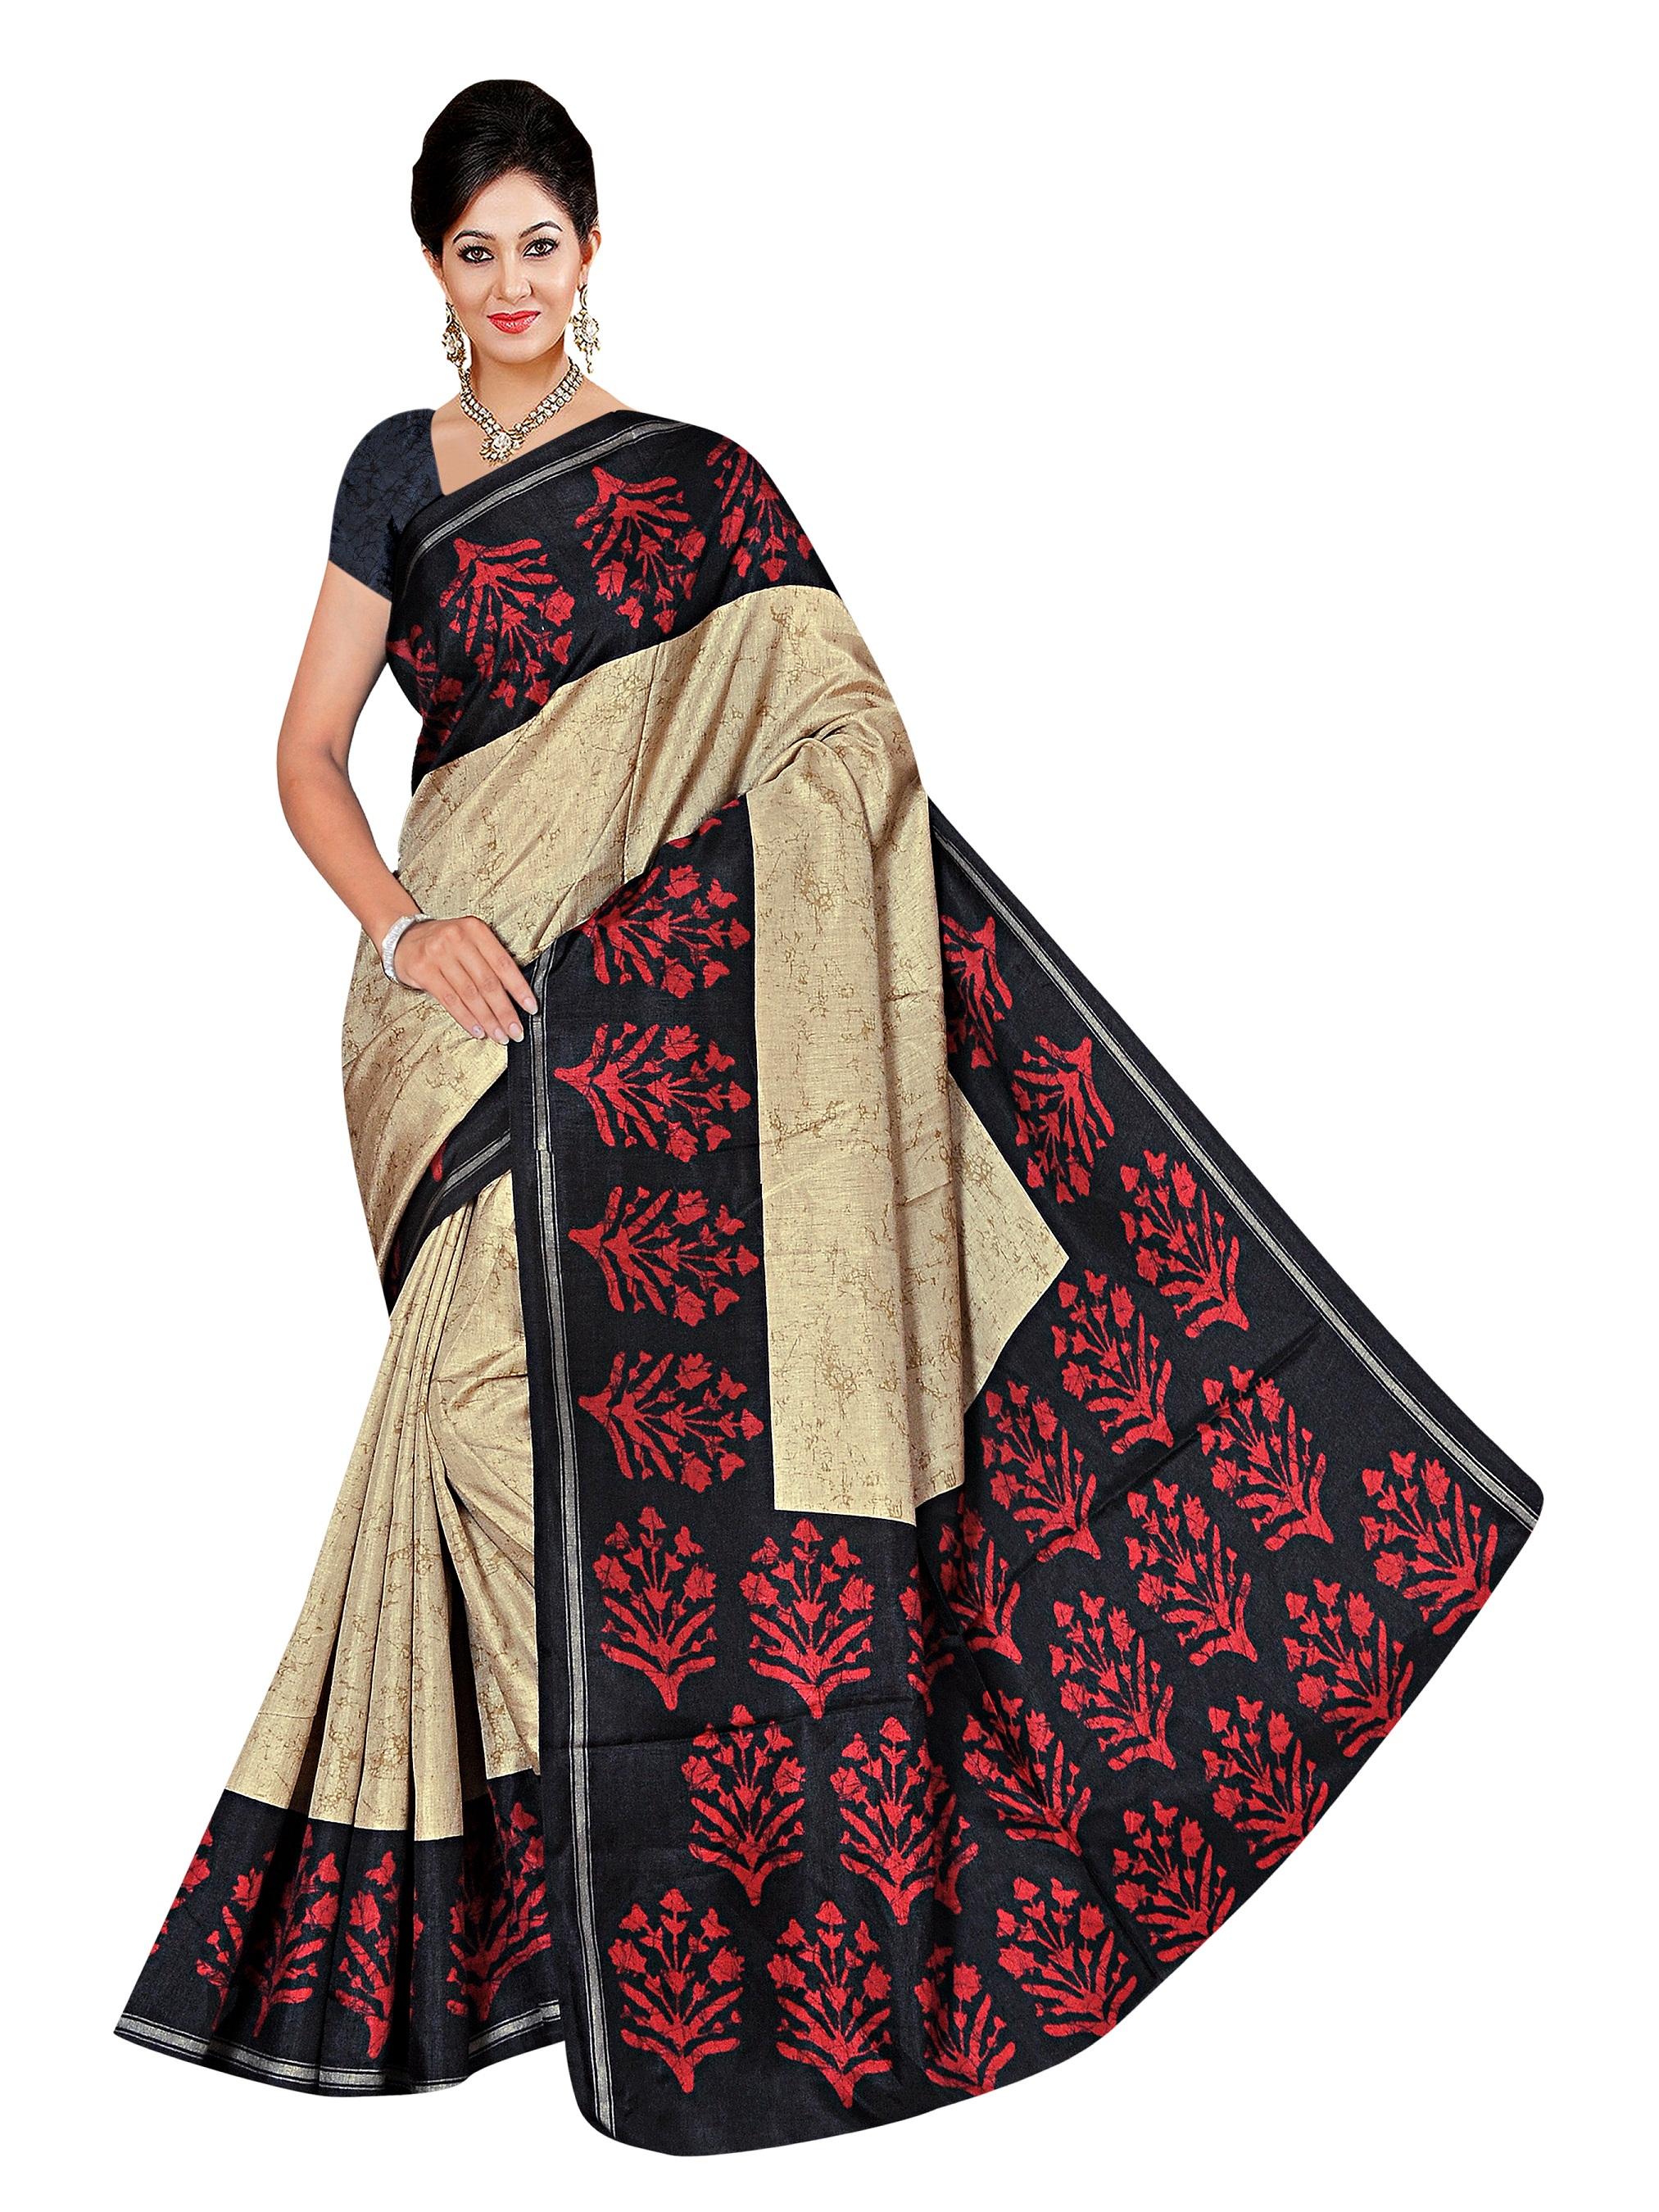 e467fbe08212e Multicolor printed manipuri silk saree with blouse - Winza Designer -  2319982